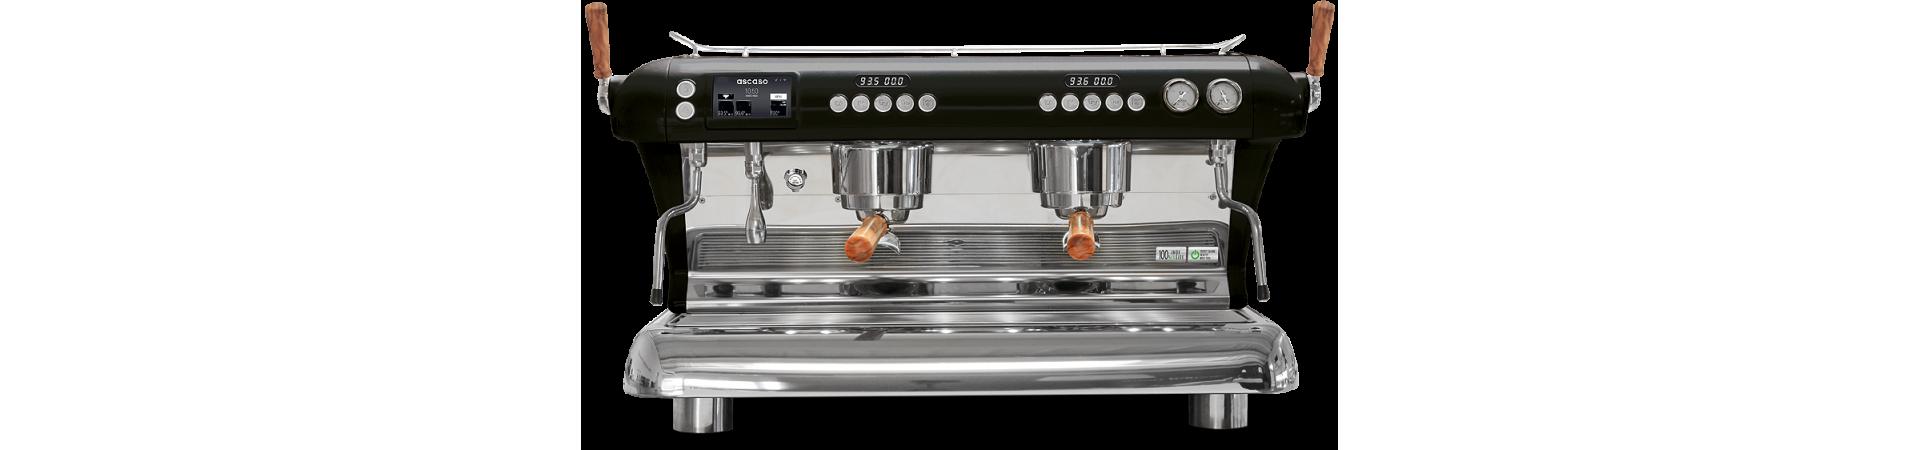 Cafeteras profesionales manuales con garantía y envío rápido.